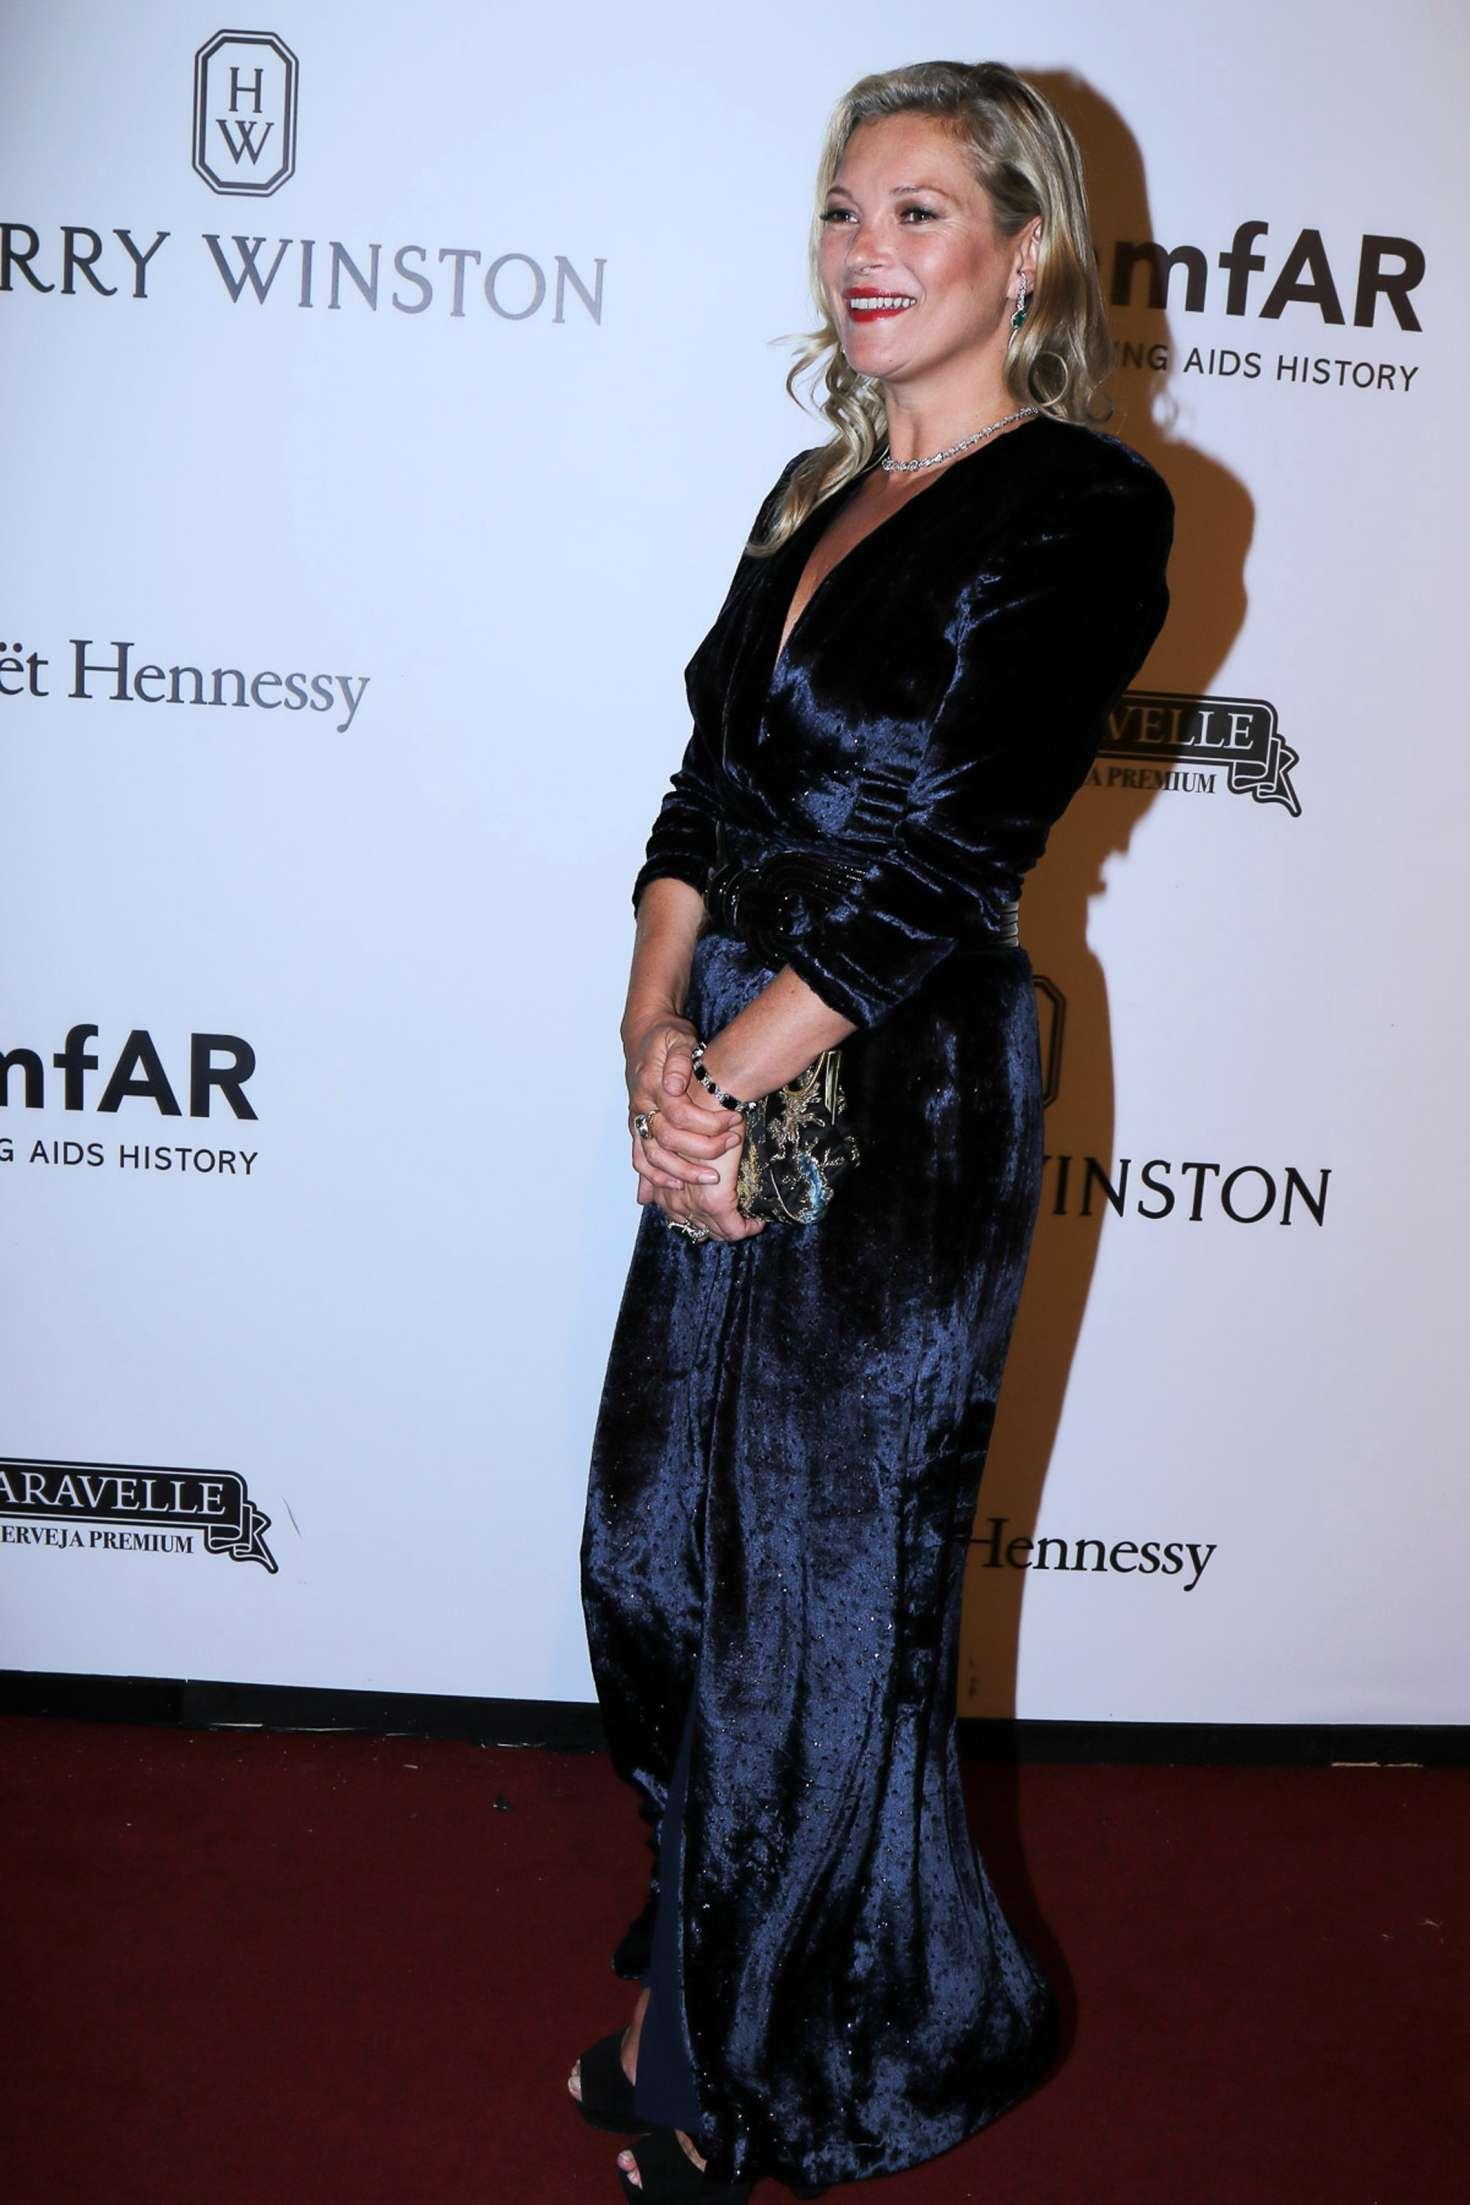 Kate Moss: 2017 amfAR Inspiration Gala -01 - Full Size